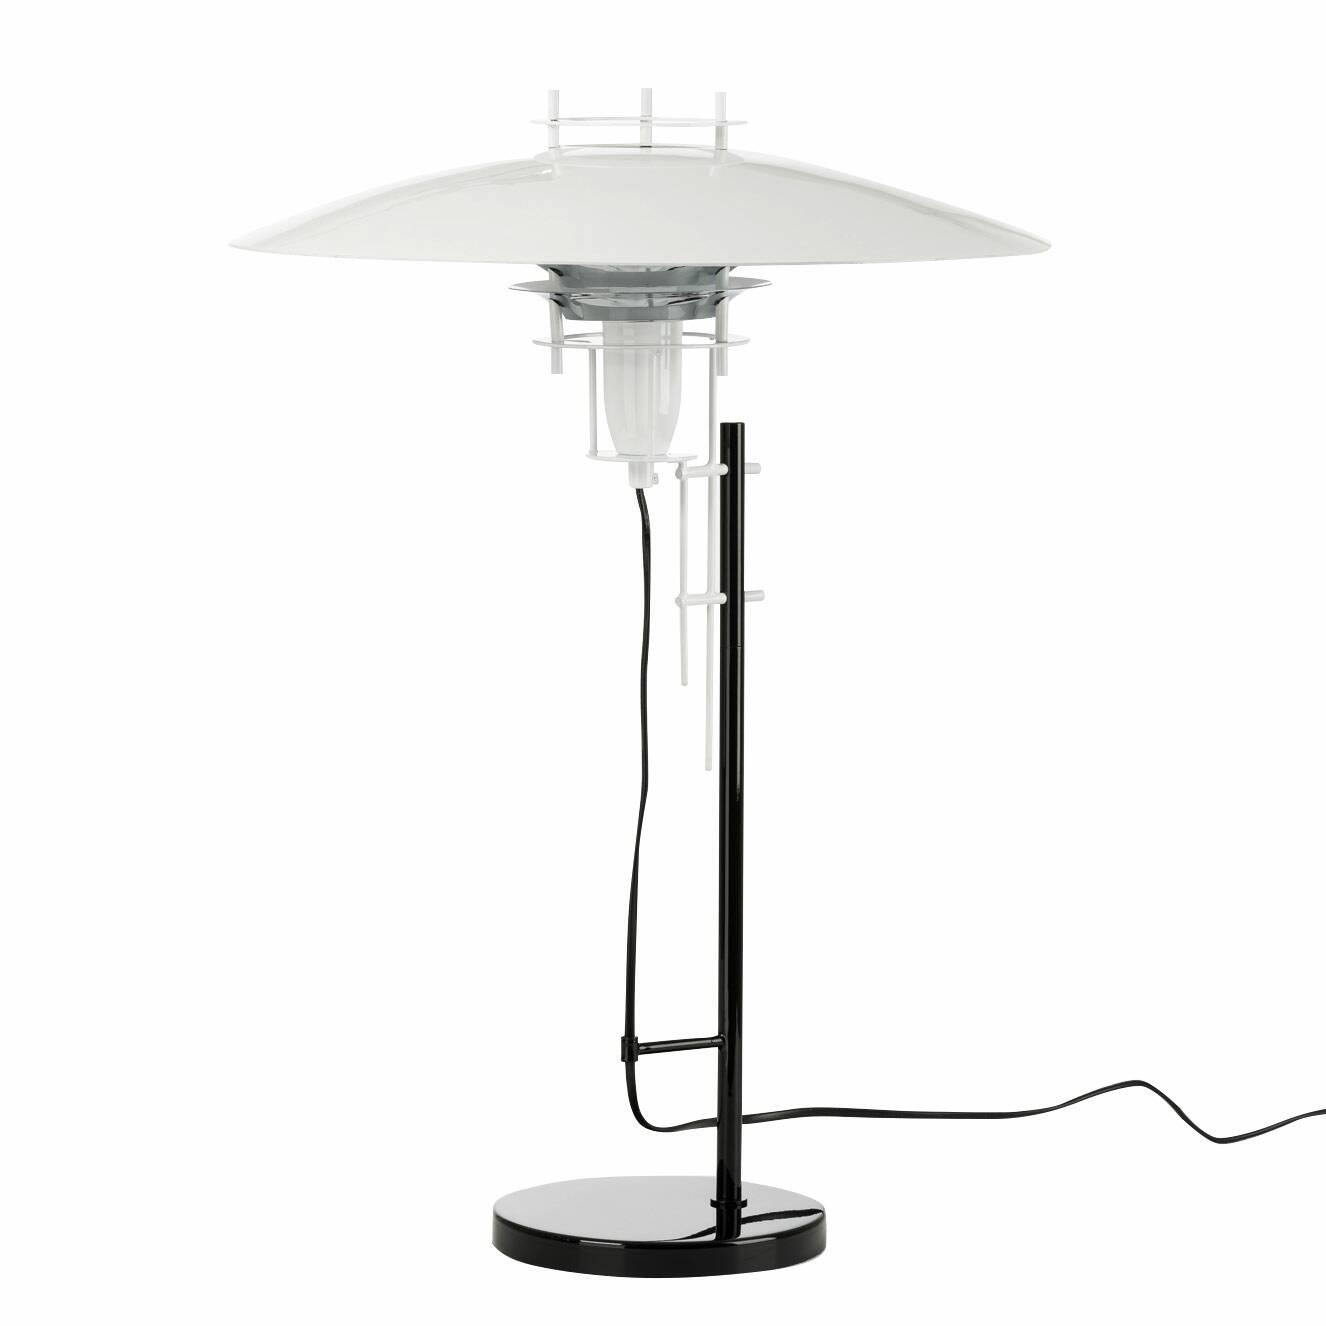 Настольный светильник JL2PНастольные<br>Дизайнерский настольный светильник JL2P (ЖЛ2П) в стиле хай-тек от Cosmo (Космо).<br><br><br> Наличие четких и ясных геометрических форм, минимализм и техногенность — эти черты присущи популярному сегодня стилю хай-тек. Металл и стекло, большей частью используемые в этом стиле, визуально увеличивают пространство, придают помещению больше легкости и света.<br><br><br> Настольный оригинальный светильник JL2P от финского дизайнера Юхи Ильмари Лейвиска ярко выражает суть интерьера в стиле хай-тек: ничего л...<br><br>stock: 6<br>Высота: 61<br>Диаметр: 43<br>Количество ламп: 1<br>Материал абажура: Алюминий<br>Материал арматуры: Металл<br>Ламп в комплекте: Нет<br>Напряжение: 220<br>Тип лампы/цоколь: E27<br>Цвет абажура: Белый<br>Цвет арматуры: Черный